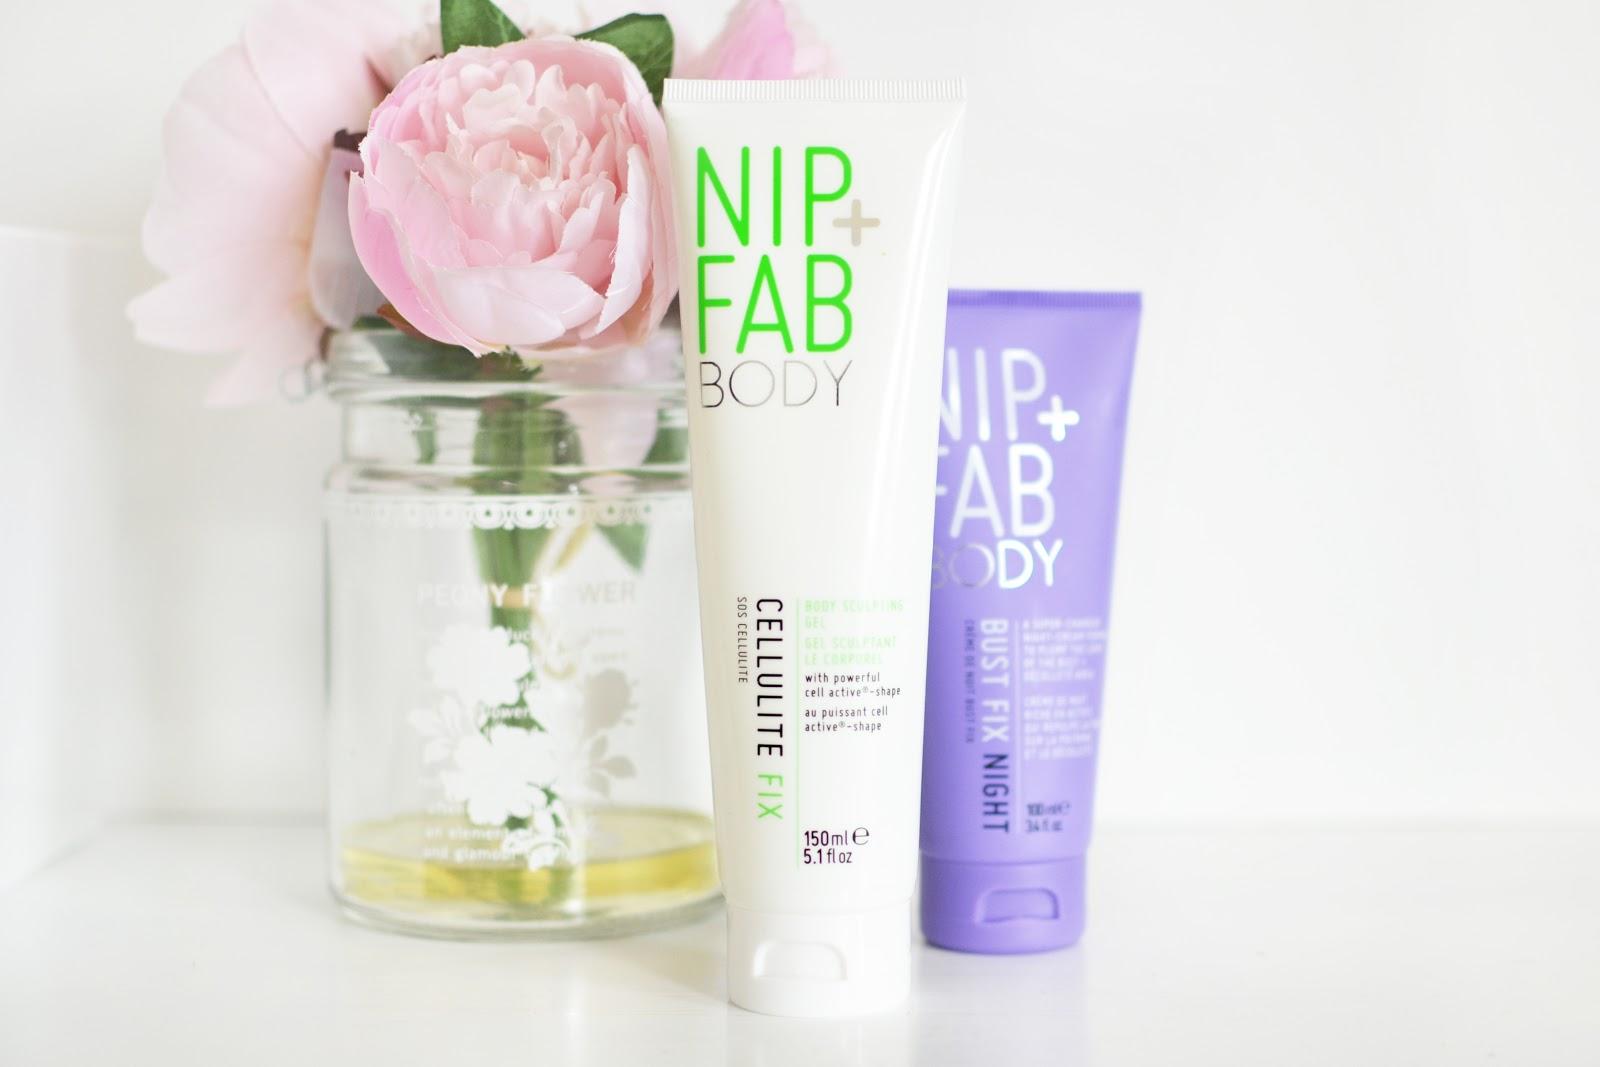 Nip+Fab - Cellulite Fix Body Sculpting Gel